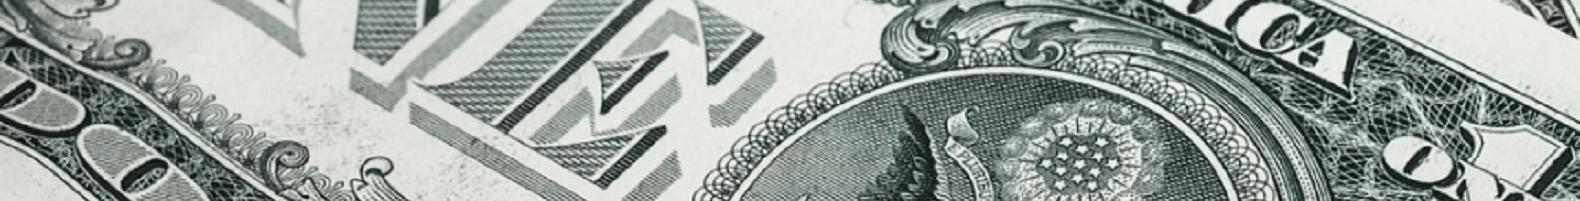 Курс валют в Виннице